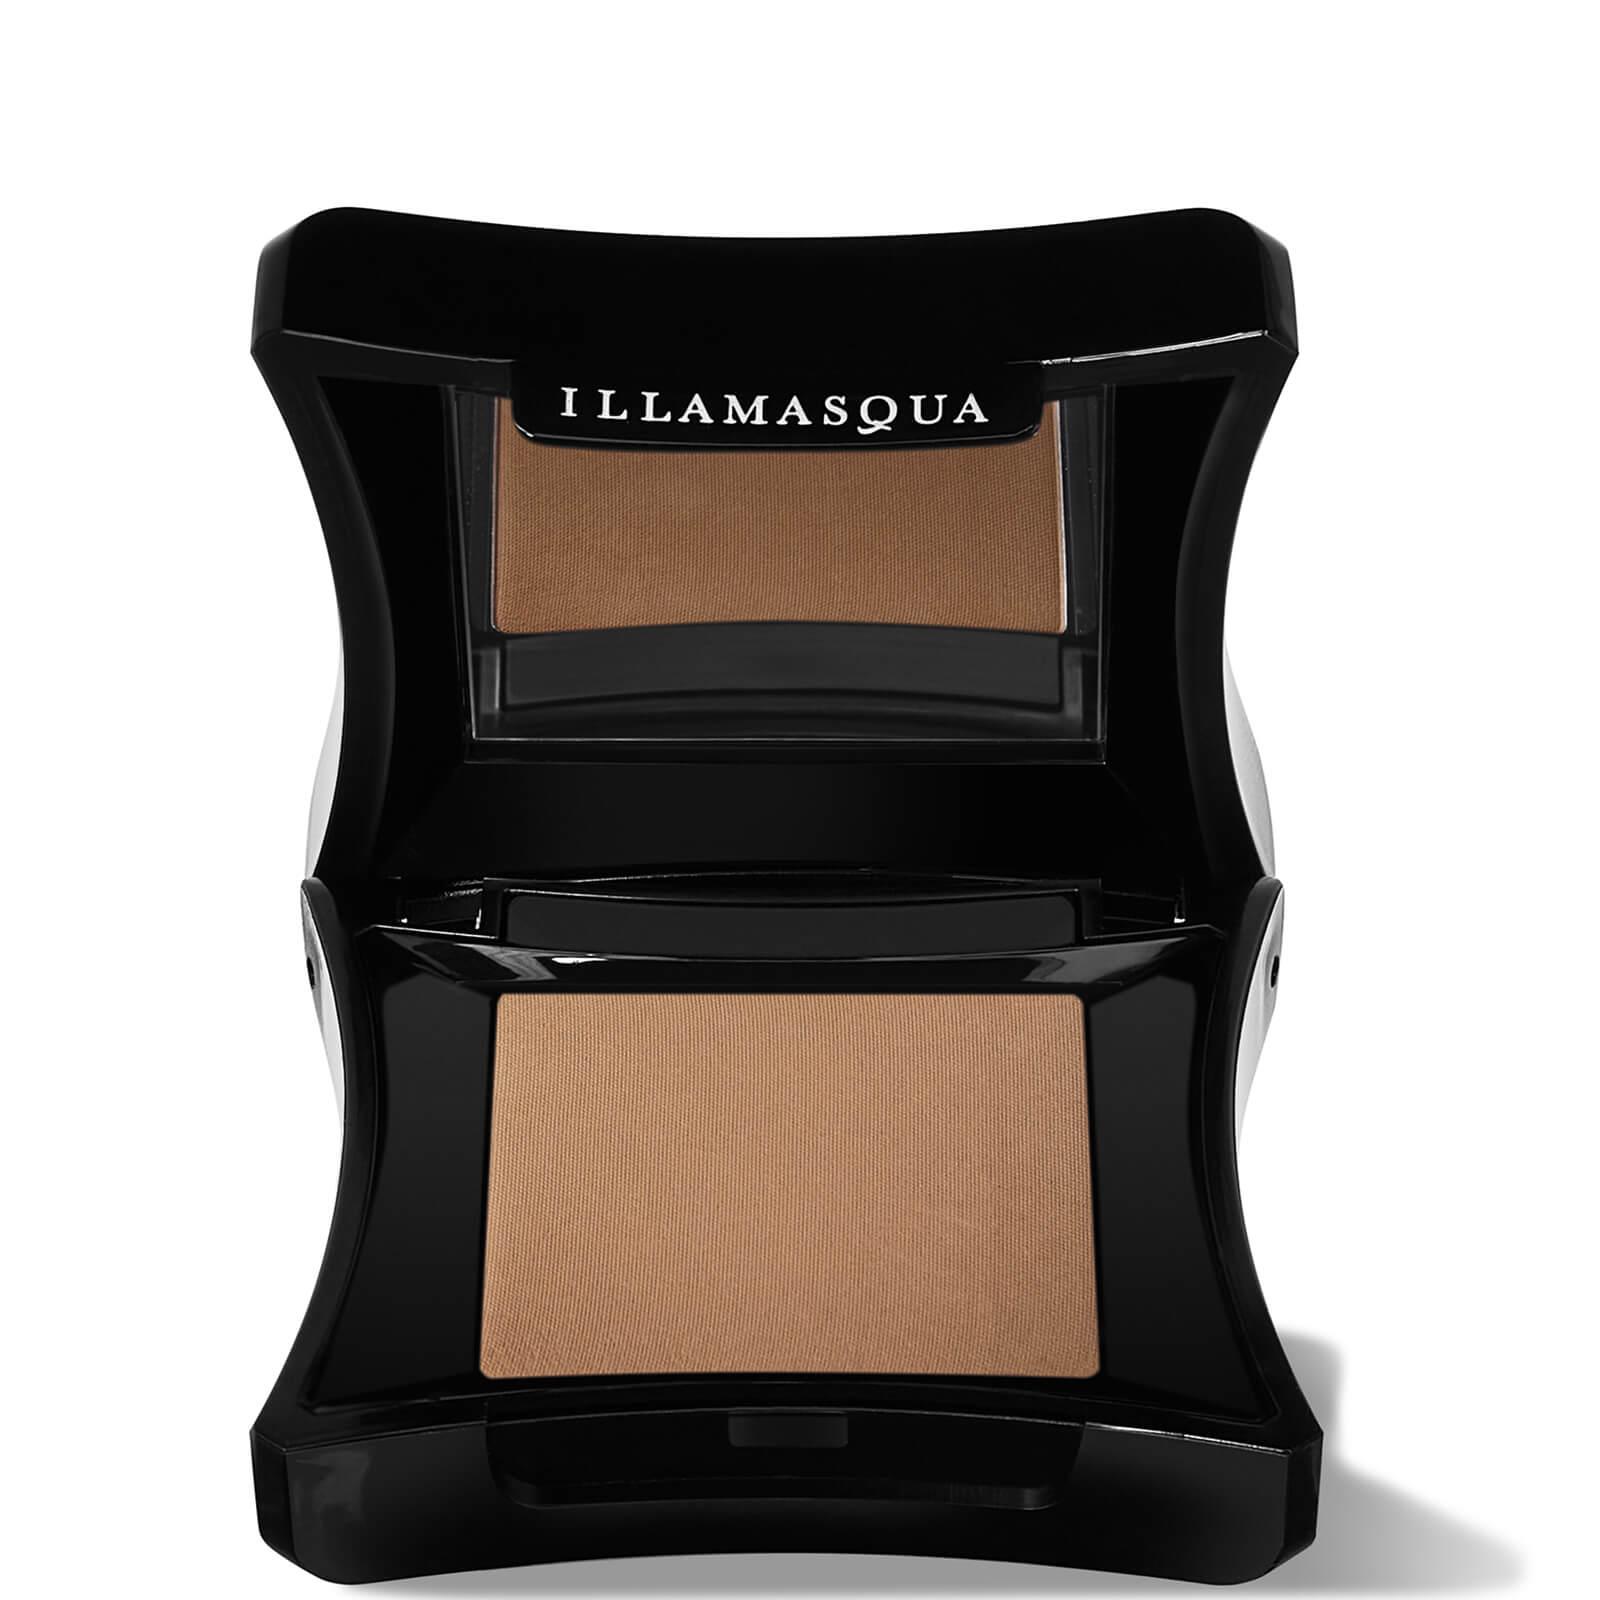 Illamasqua Skin Base Pressed Powder (Various Shades) - Dark